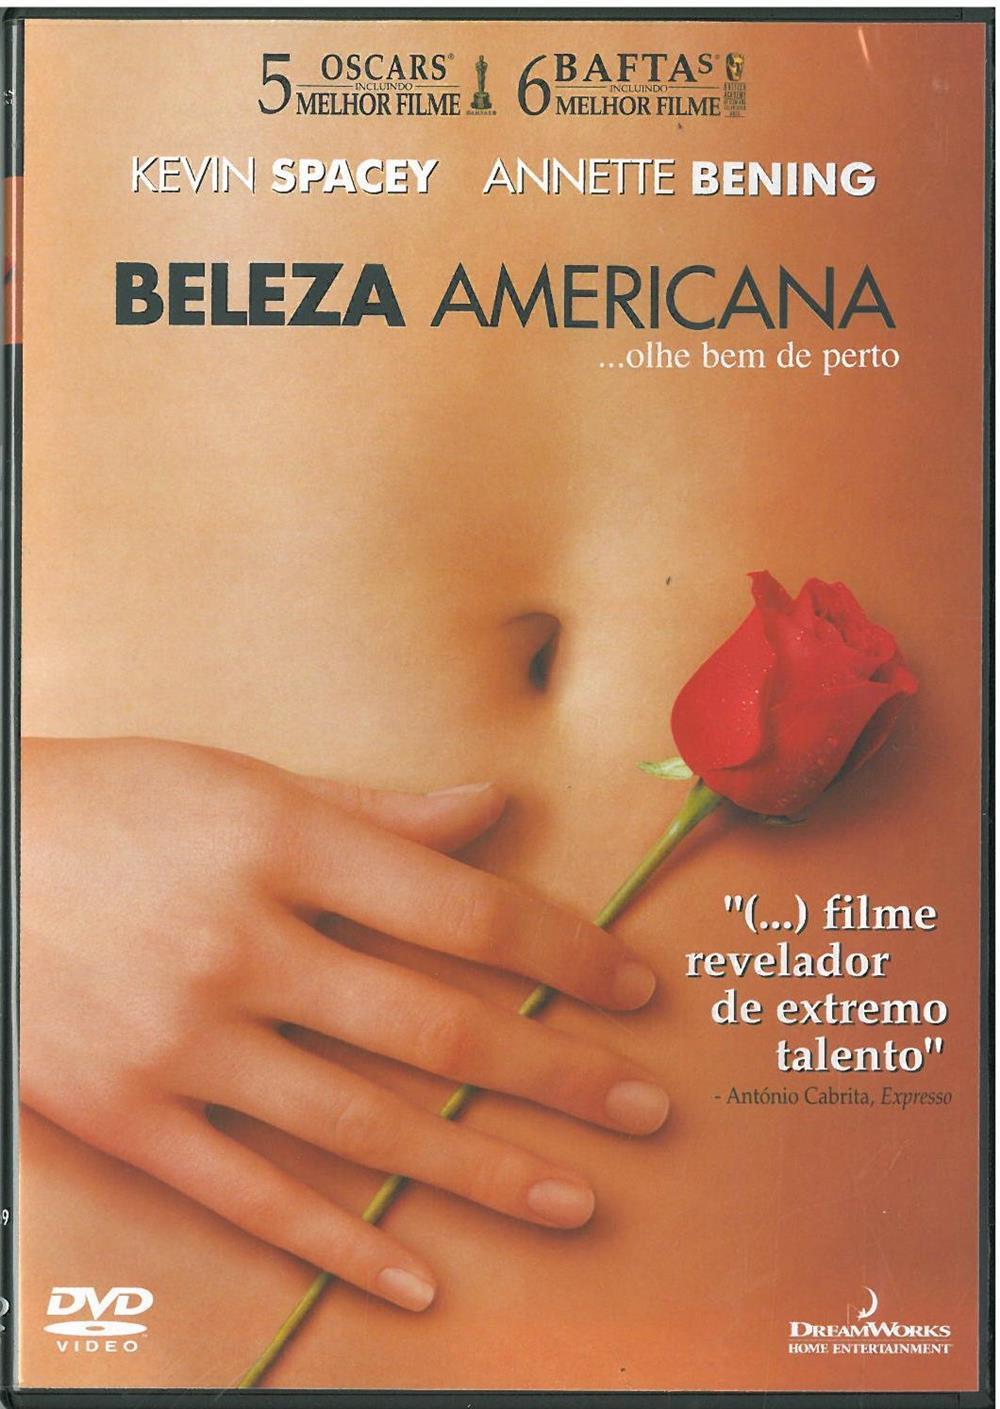 Beleza americana_DVD.jpg